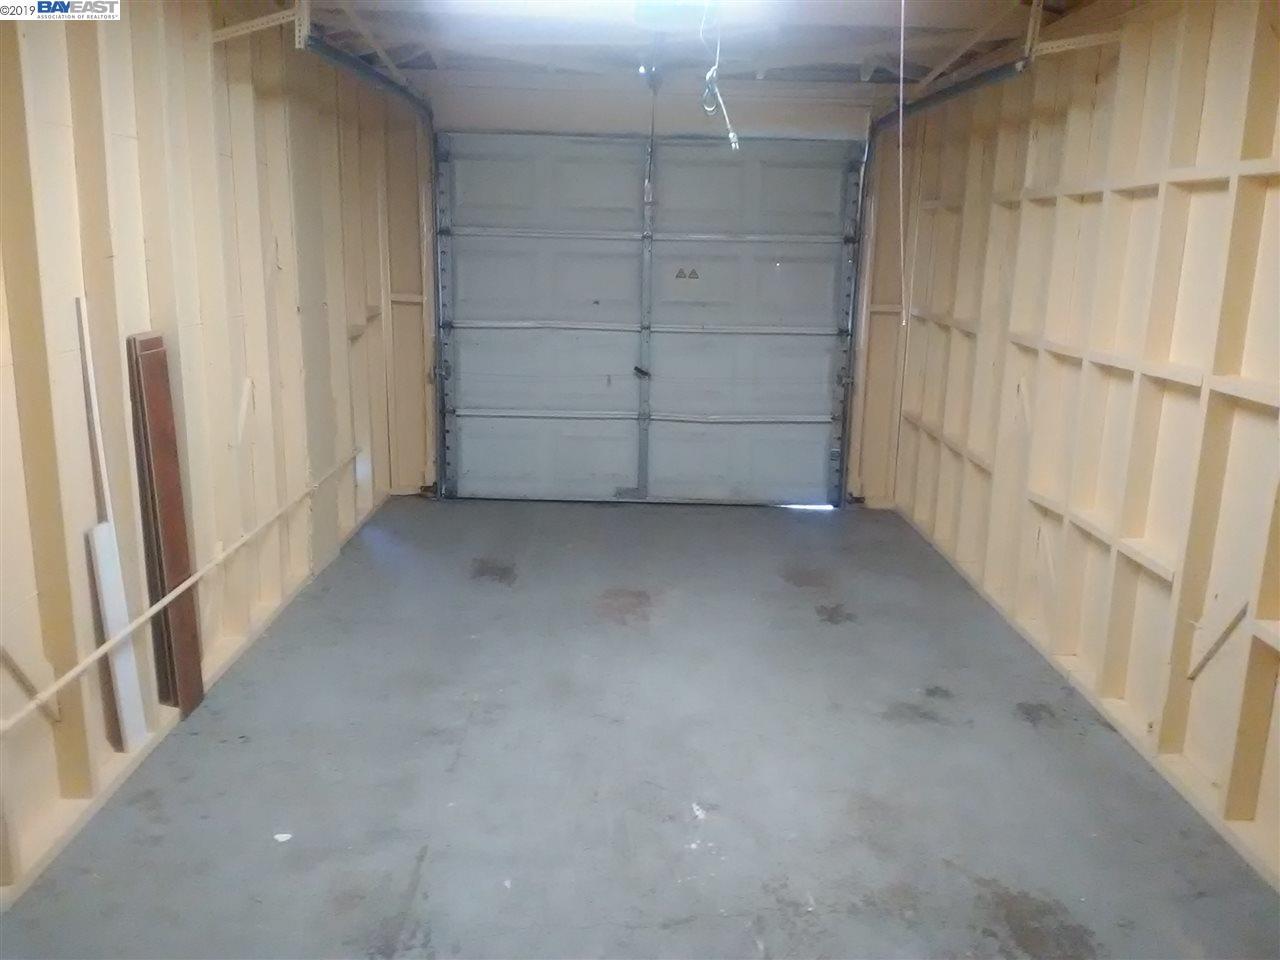 150 33Rd St, Richmond, CA 94804 $399,000 www